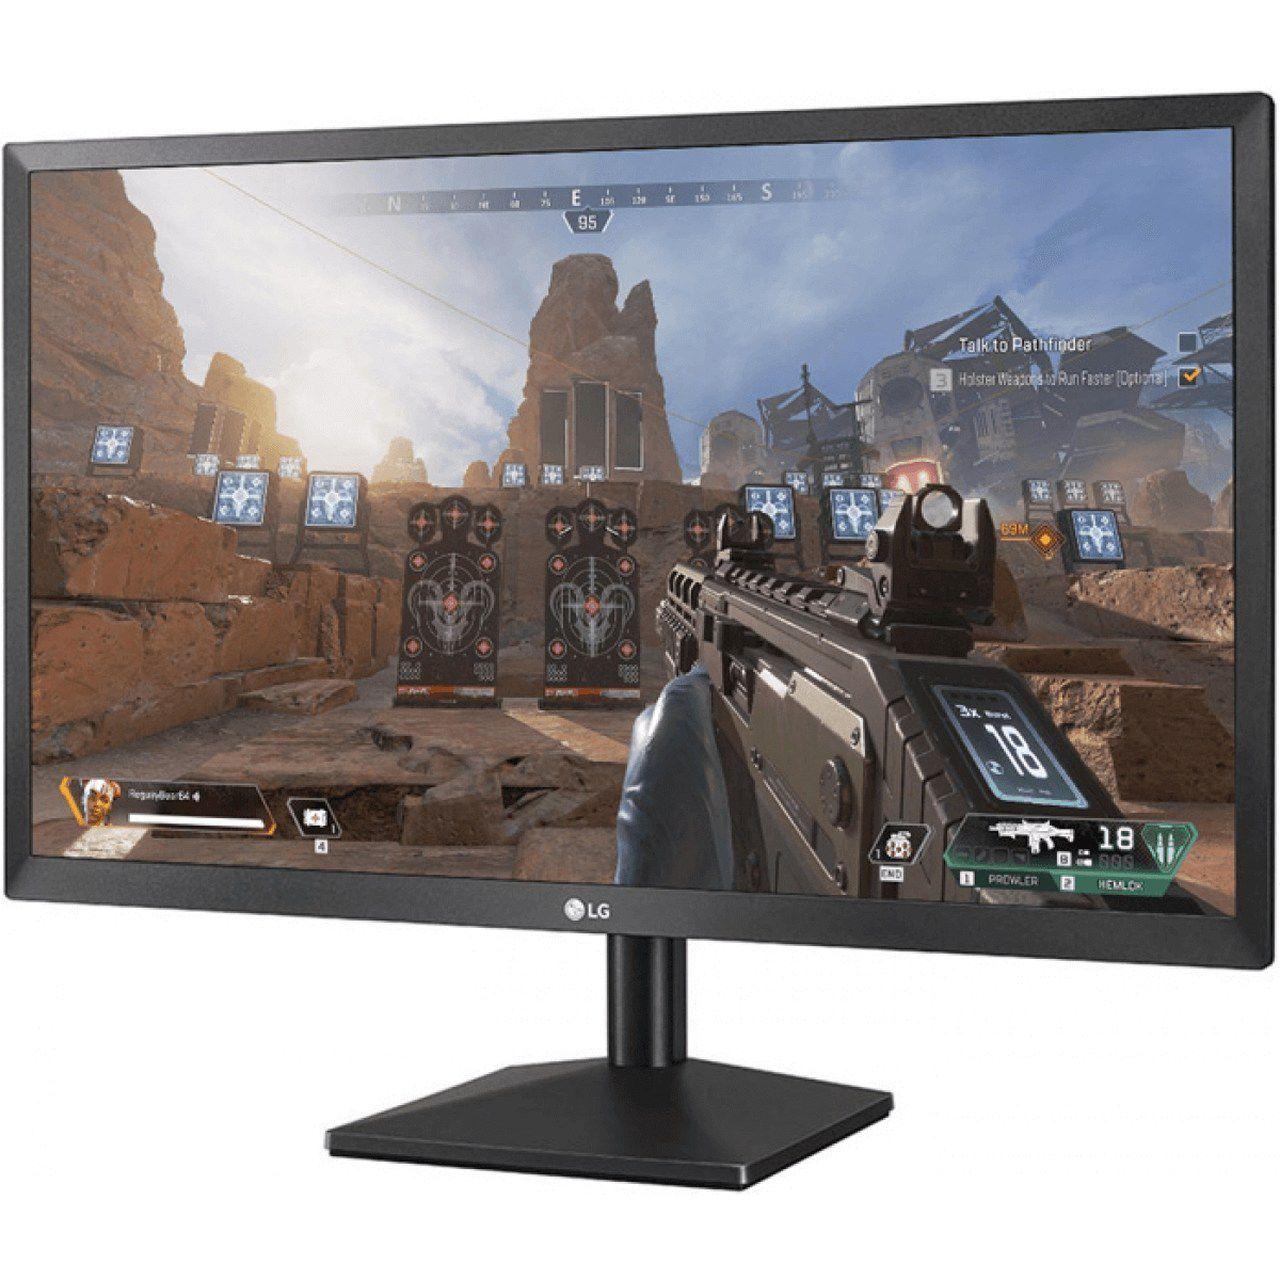 Monitor Gamer LG 21,5 FullHD AMD FreeSync HDMI VGA 22MK400H